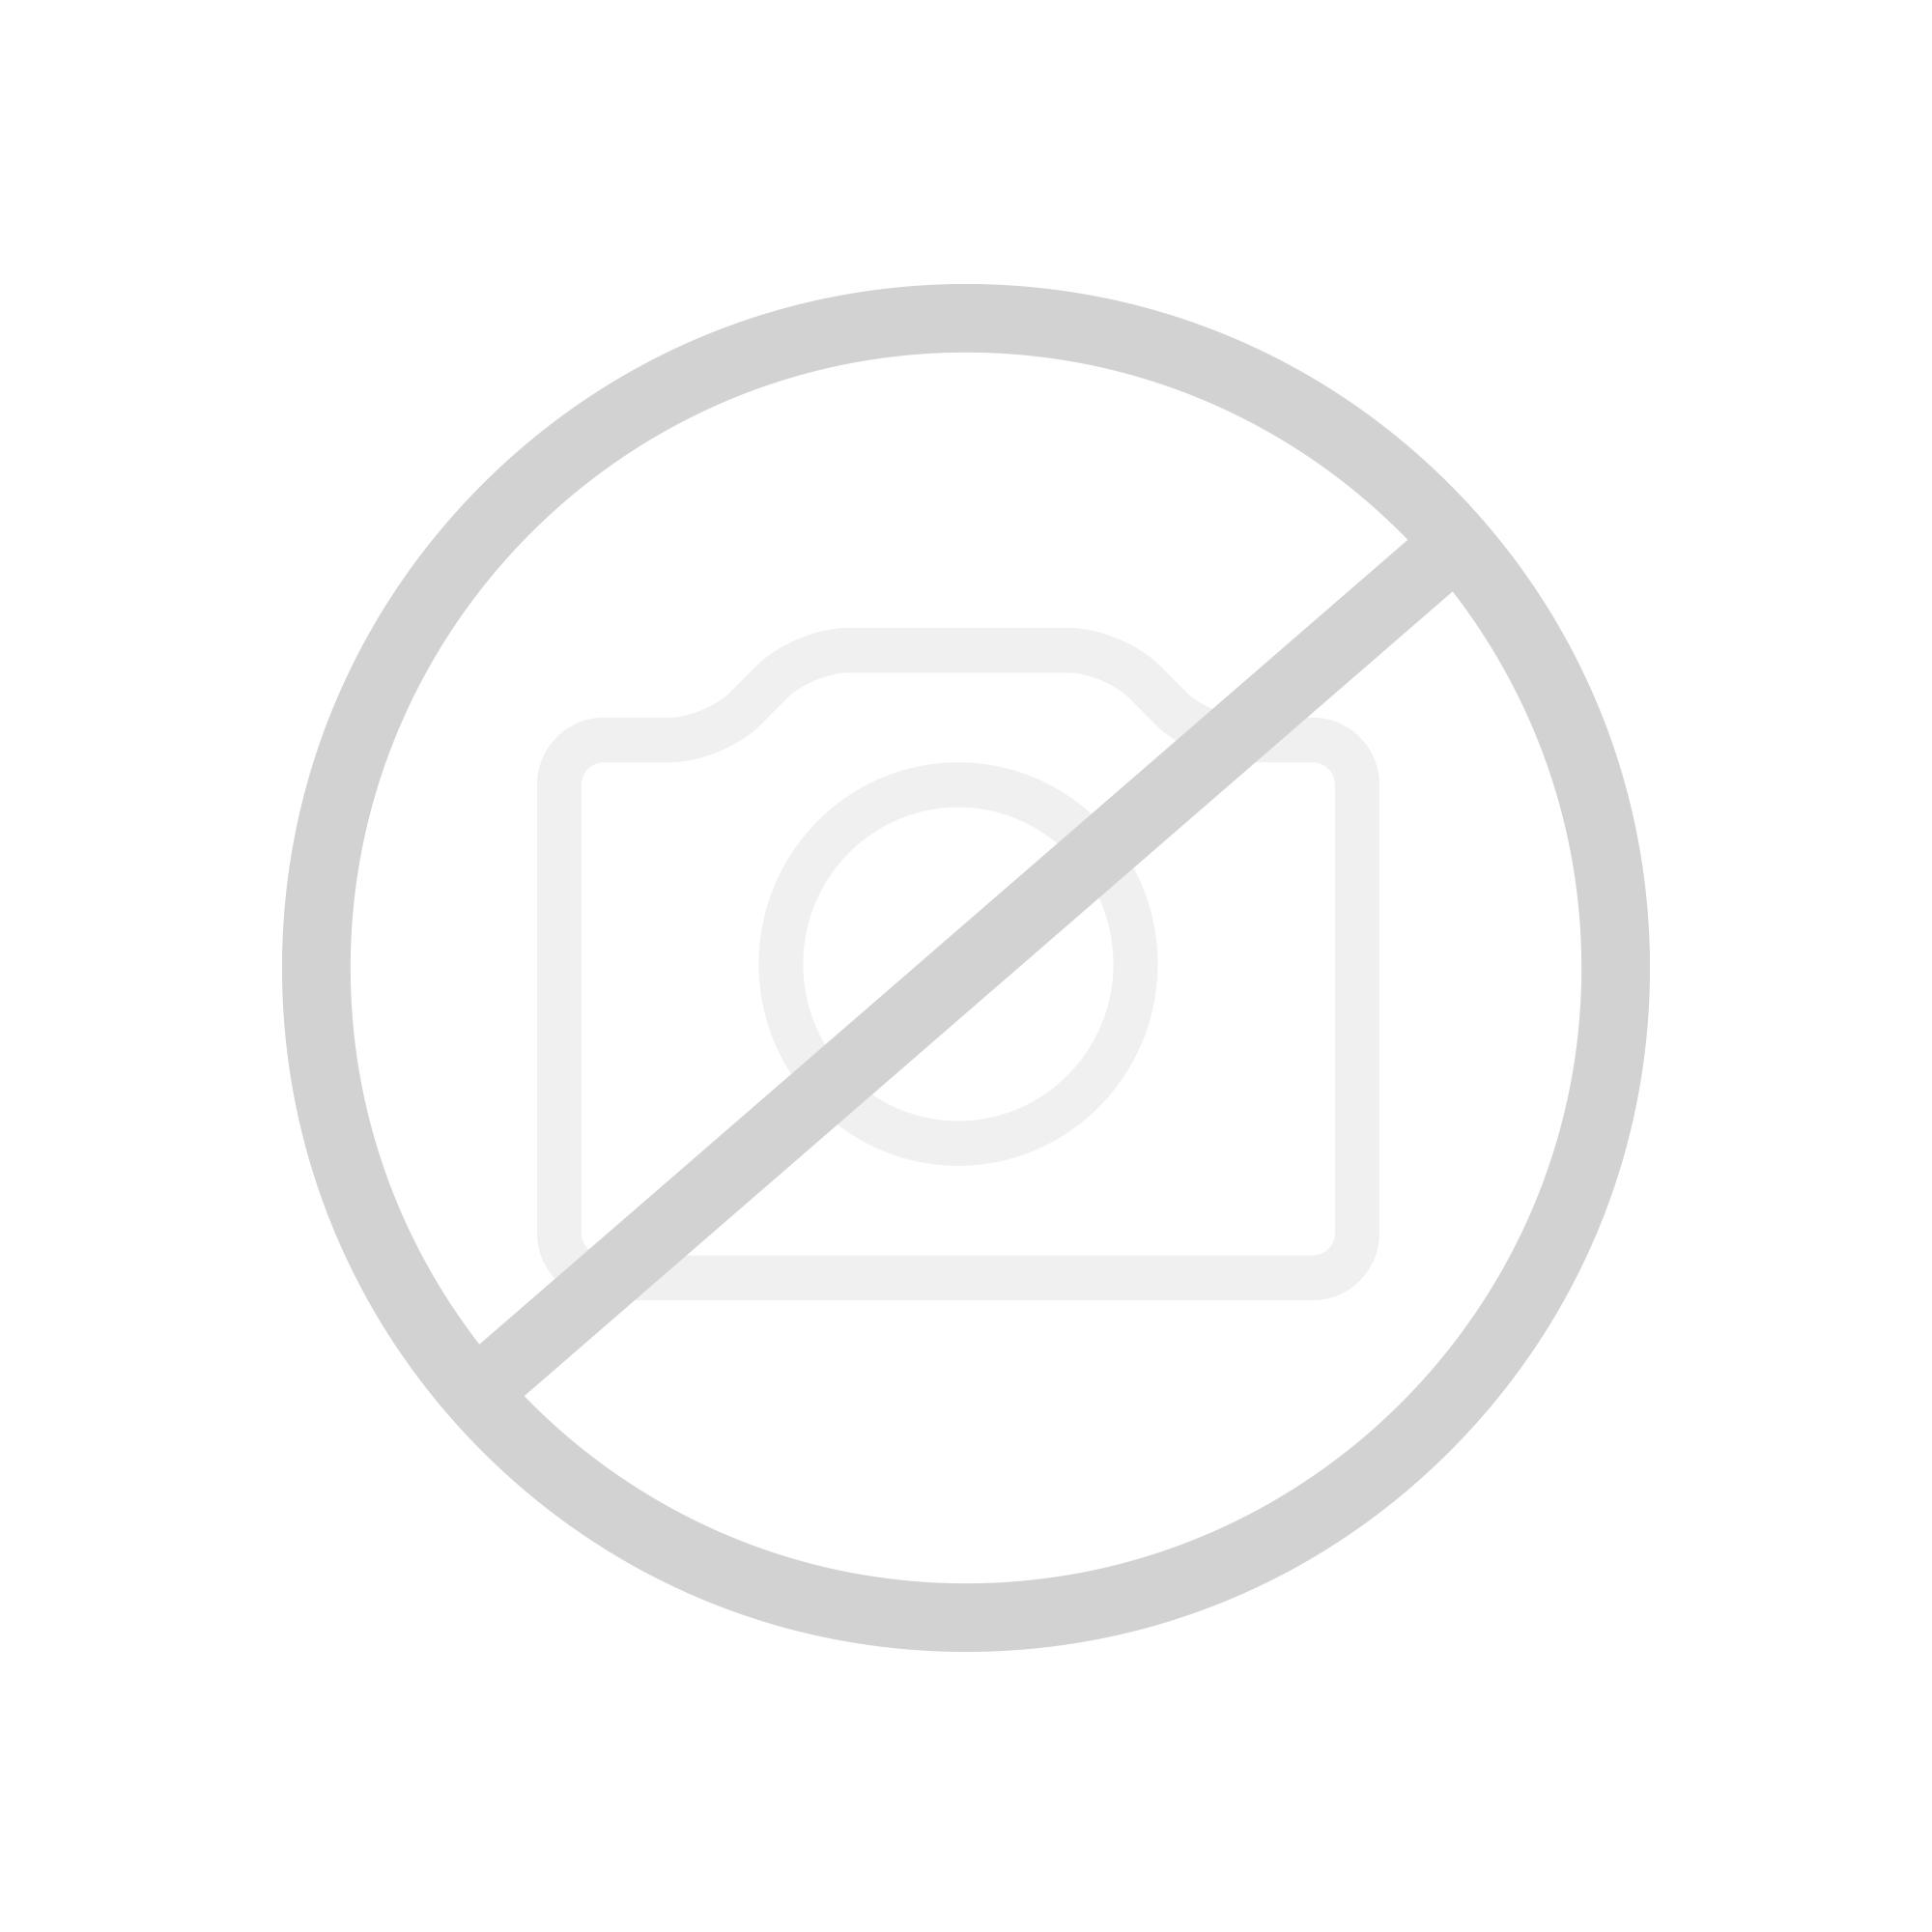 bette duschwannen superflach rechteck duschwanne grau 412 5709 412 reuter onlineshop. Black Bedroom Furniture Sets. Home Design Ideas